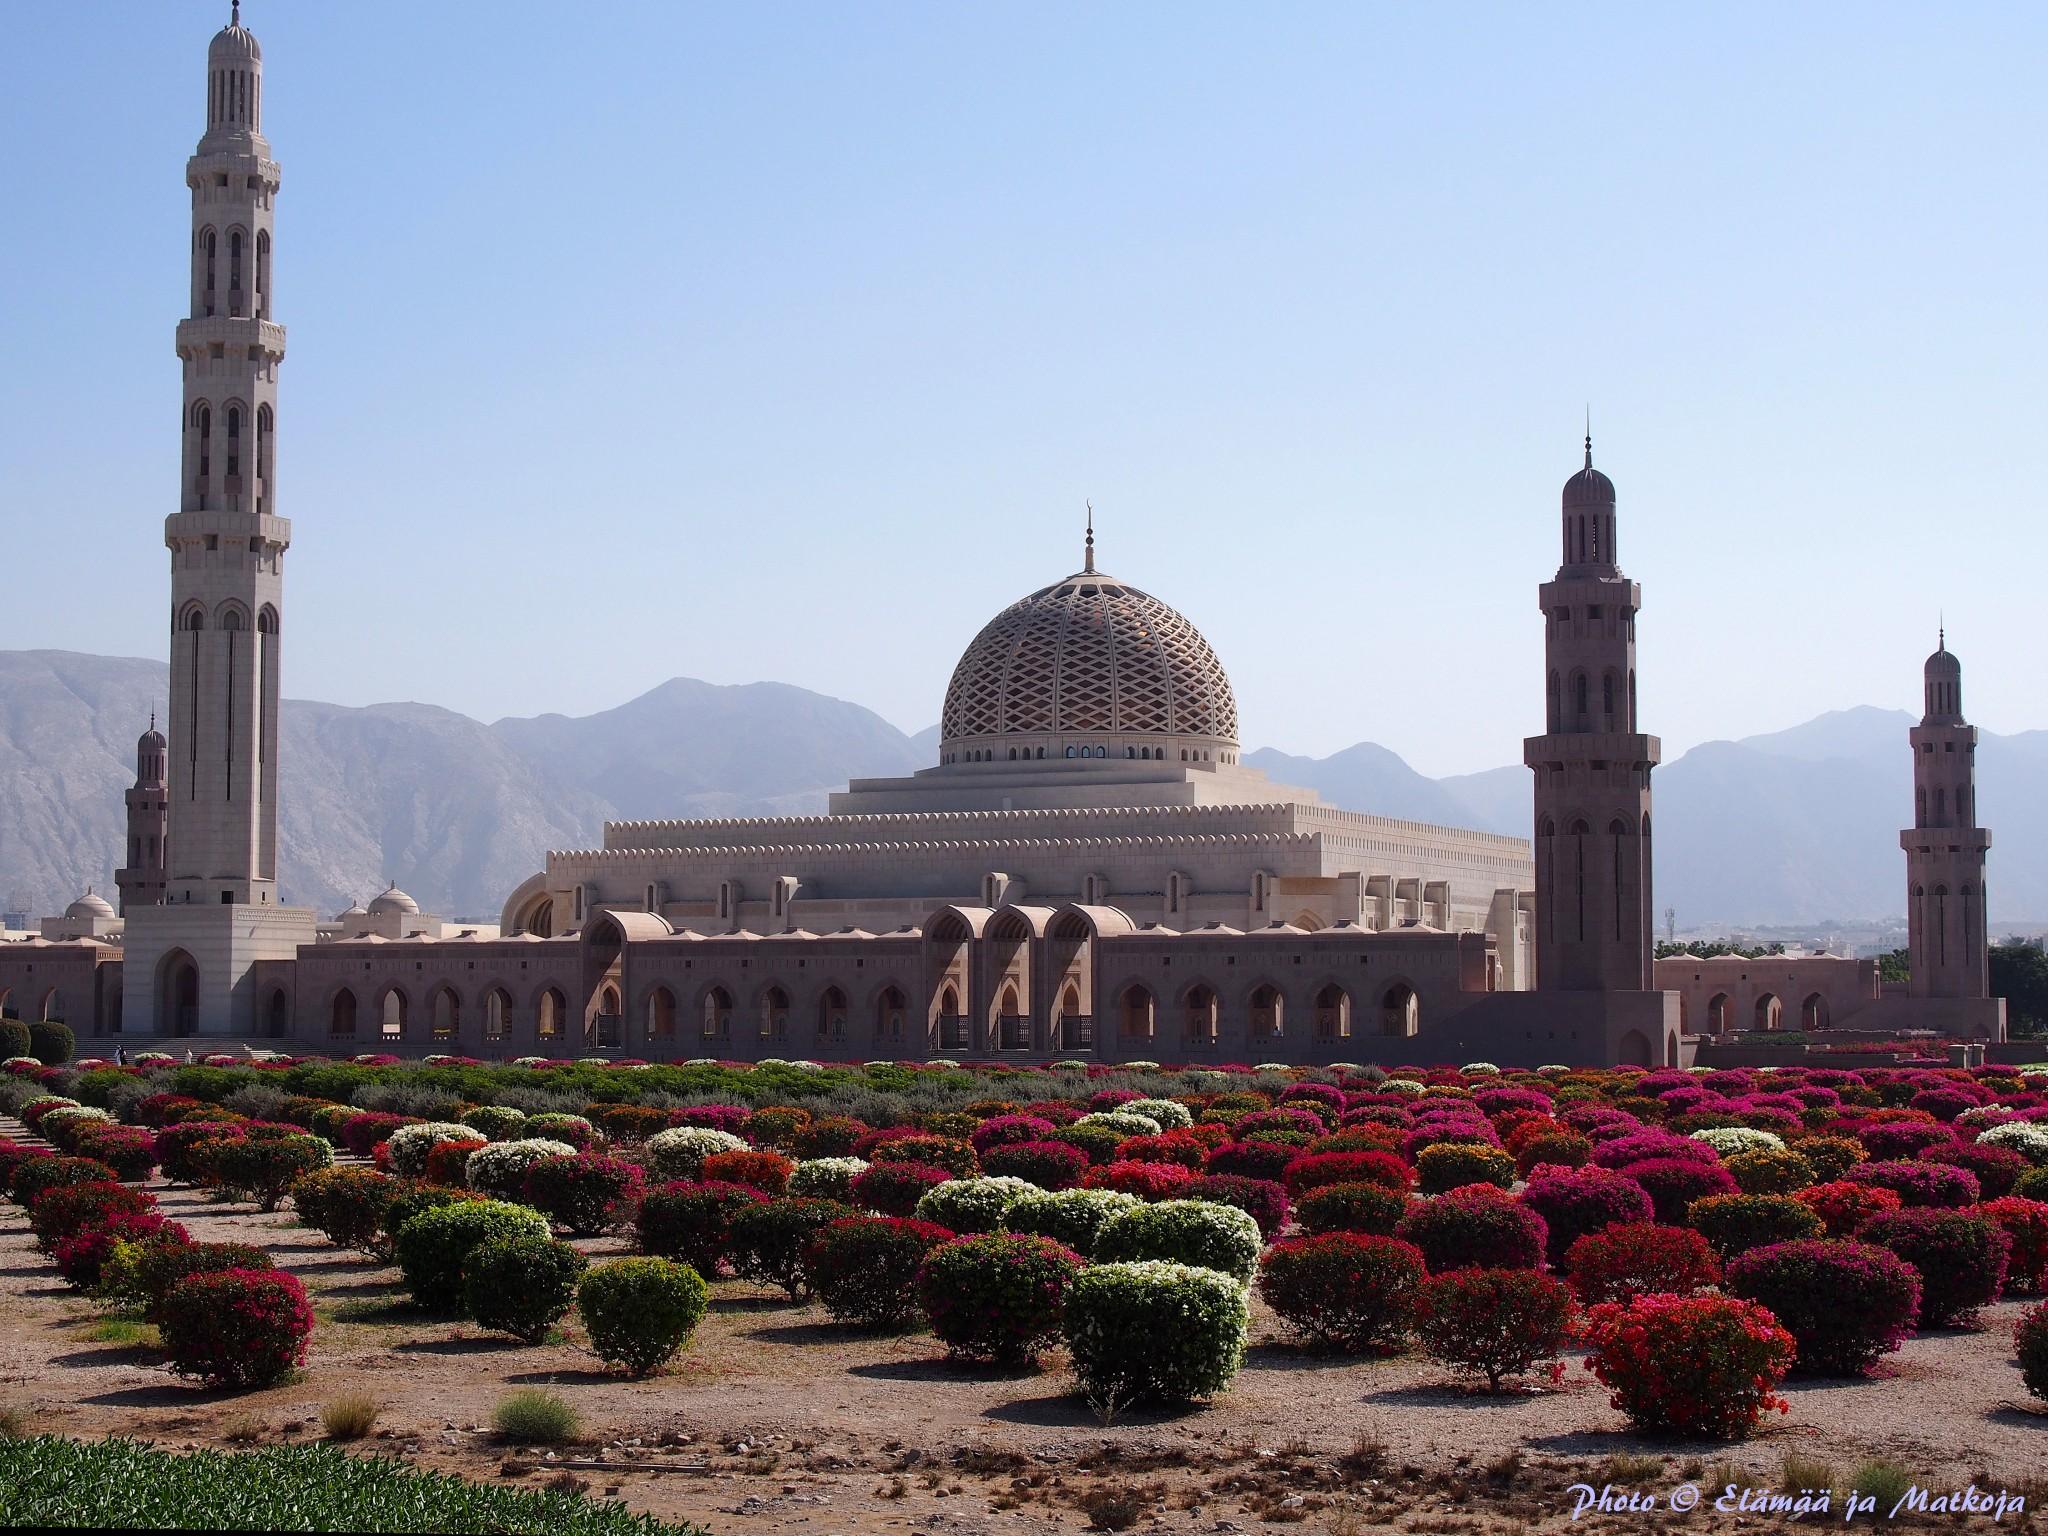 Sultan Qaboos suurmoskeija Photo © Elämää ja Matkoja